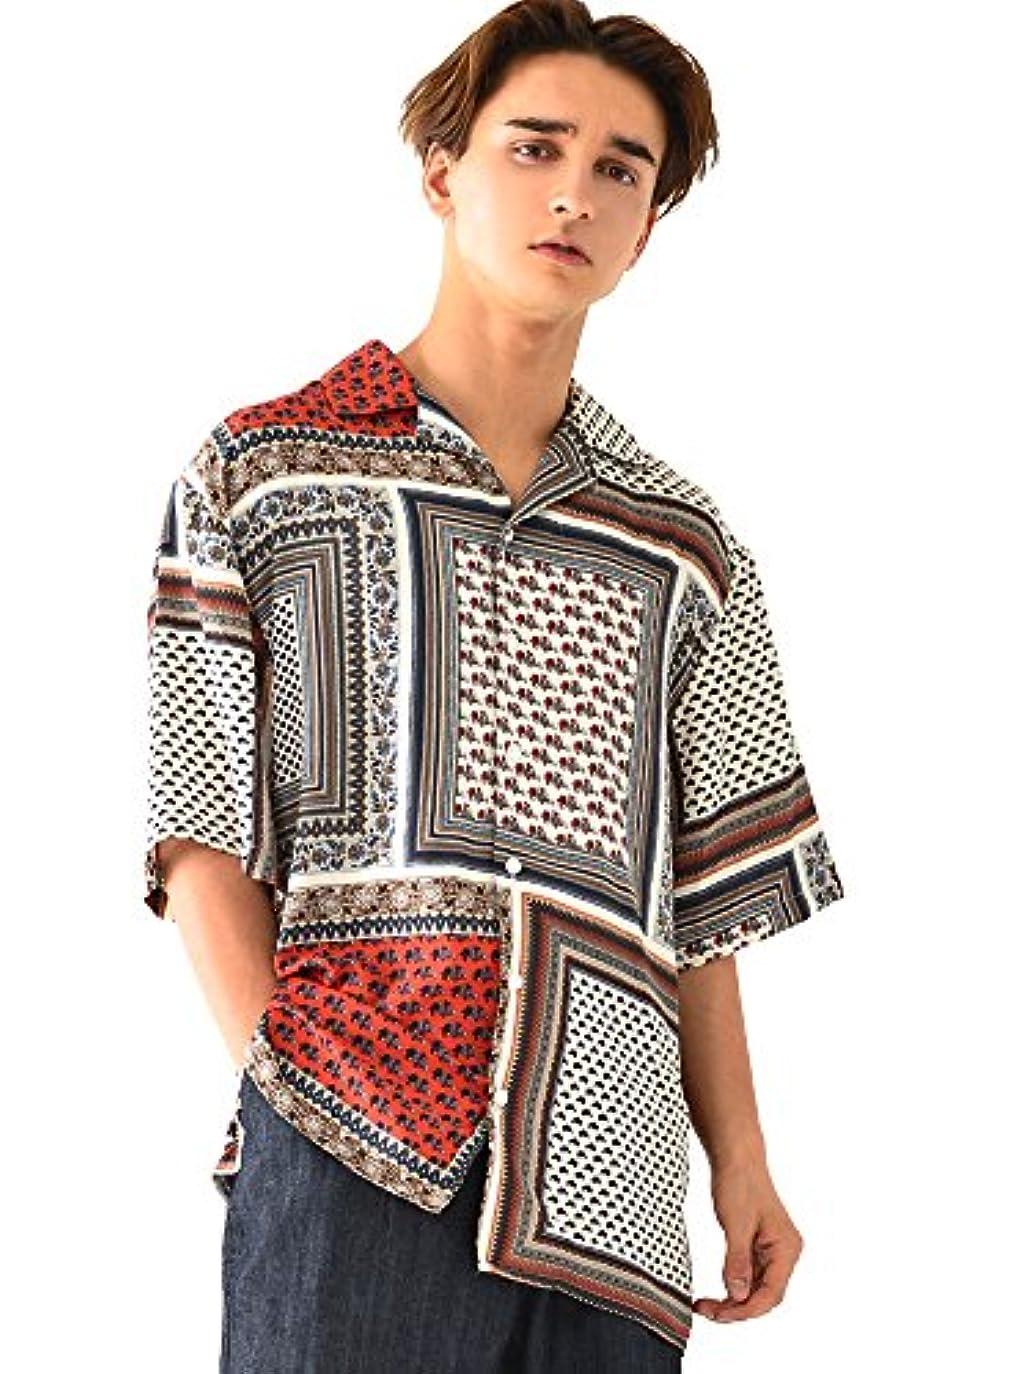 処理いらいらする主張(ベストマート) BestMart ペイズリー柄 半袖 オープンカラー シャツ メンズ ゆったり 開襟 トップス 韓国 624067